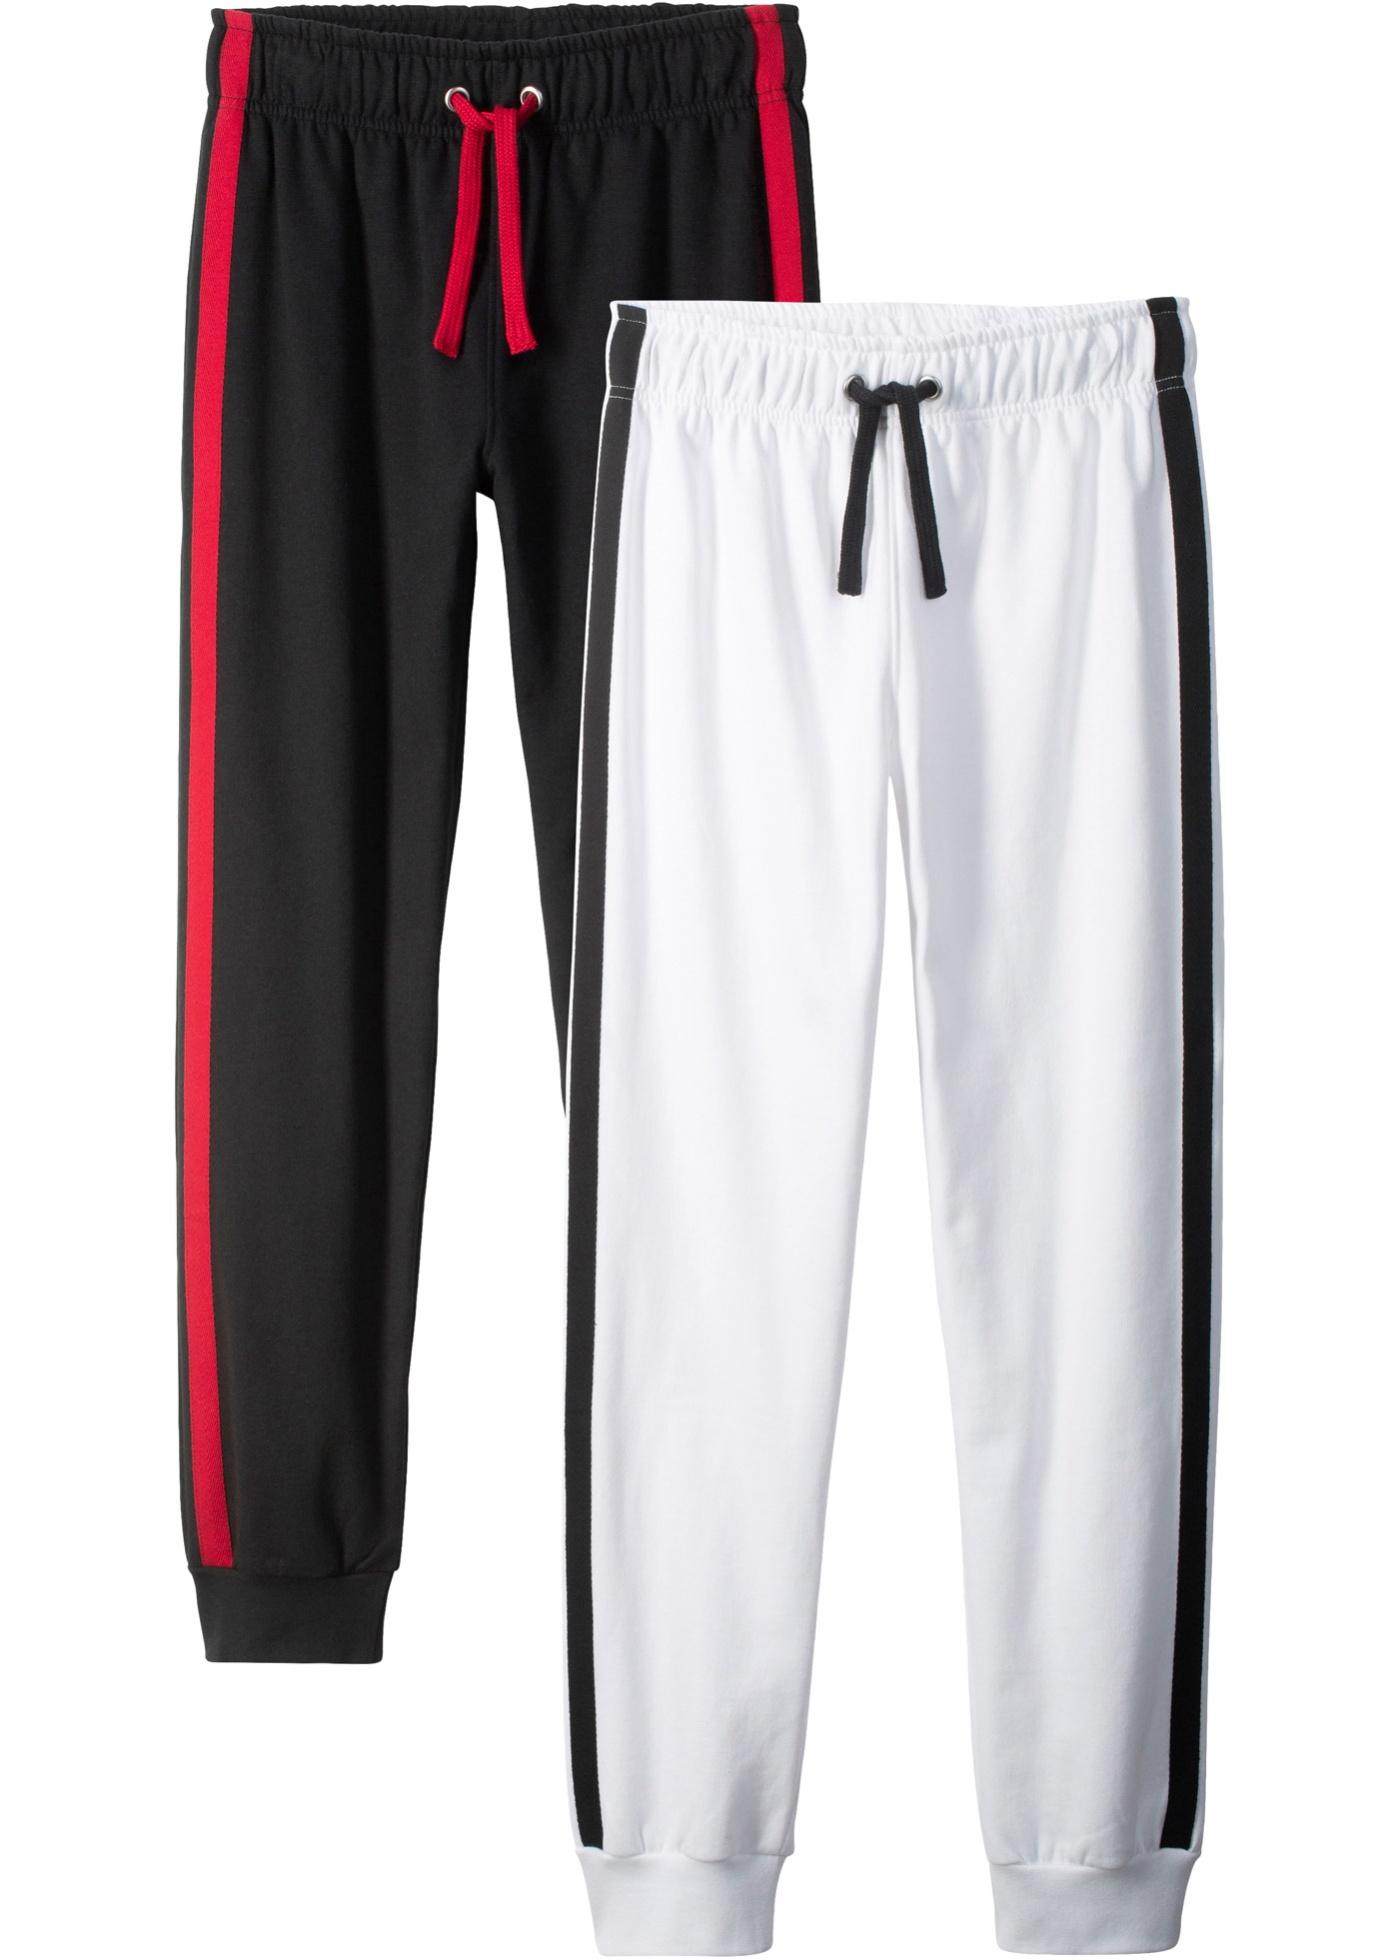 Blanc Pour 182 92 Sweat Bpc 2 CollectionLot De Pantalons Bonprix Enfant PkwXNnOZ80